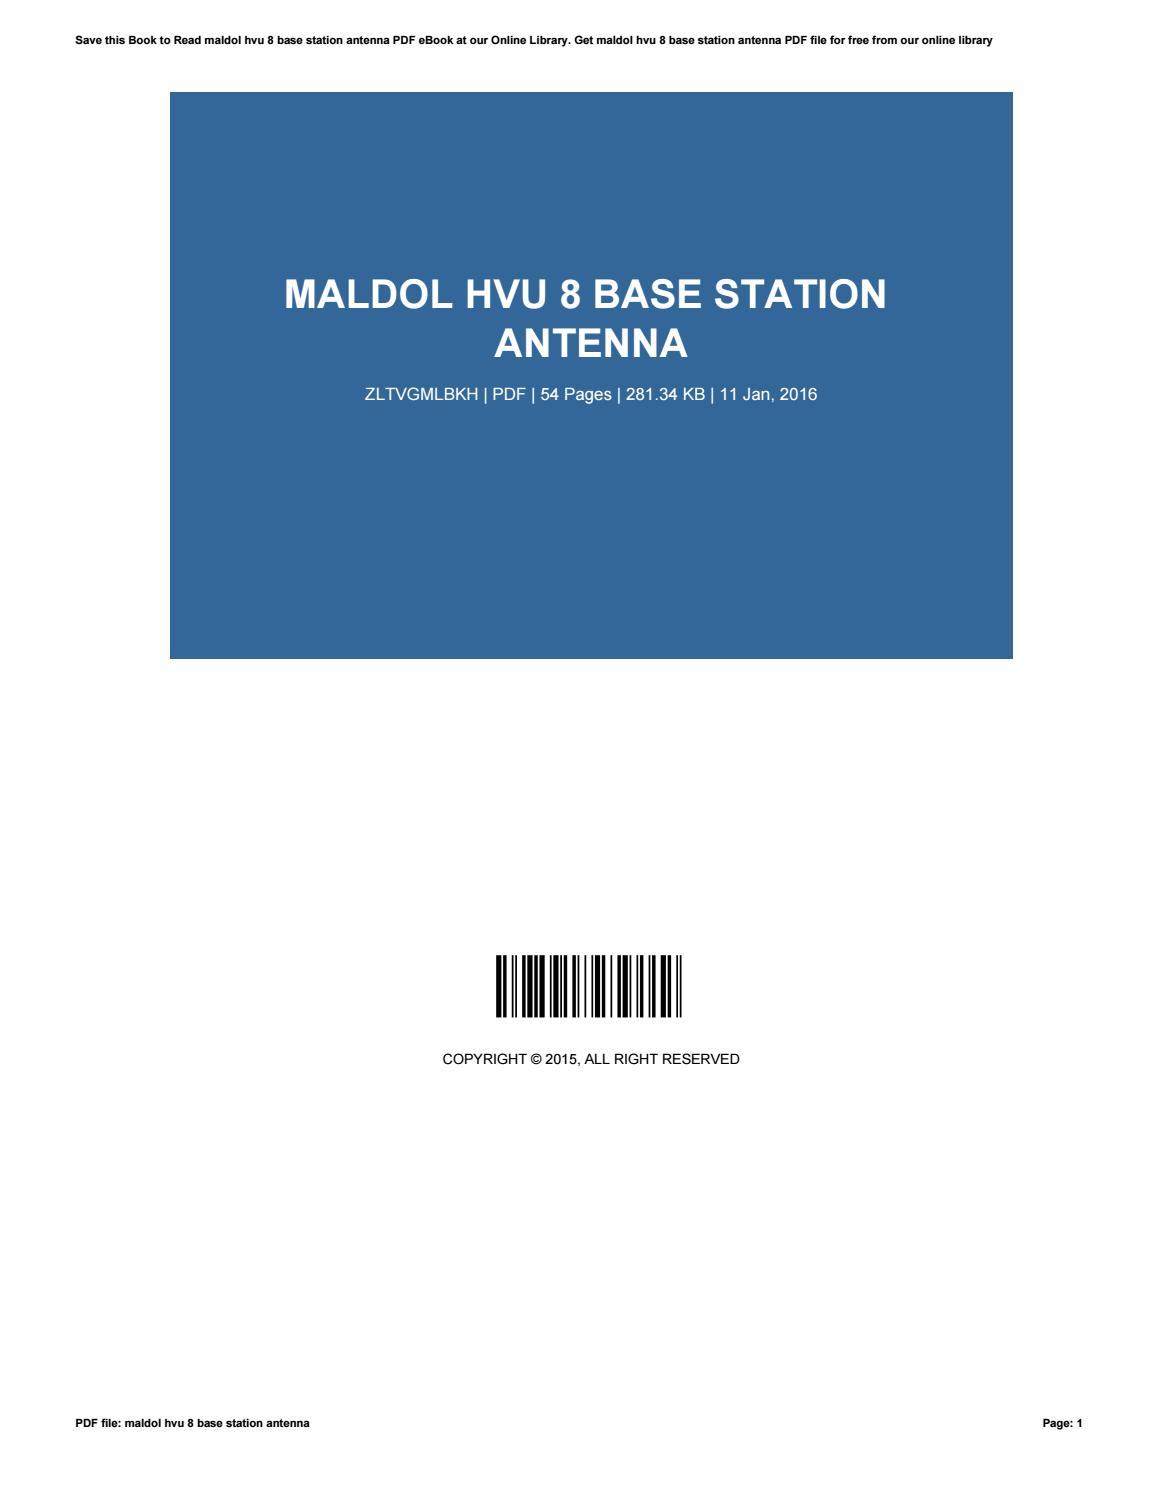 Maldol hvu 8 base station antenna by StevenLavery3207 - issuu